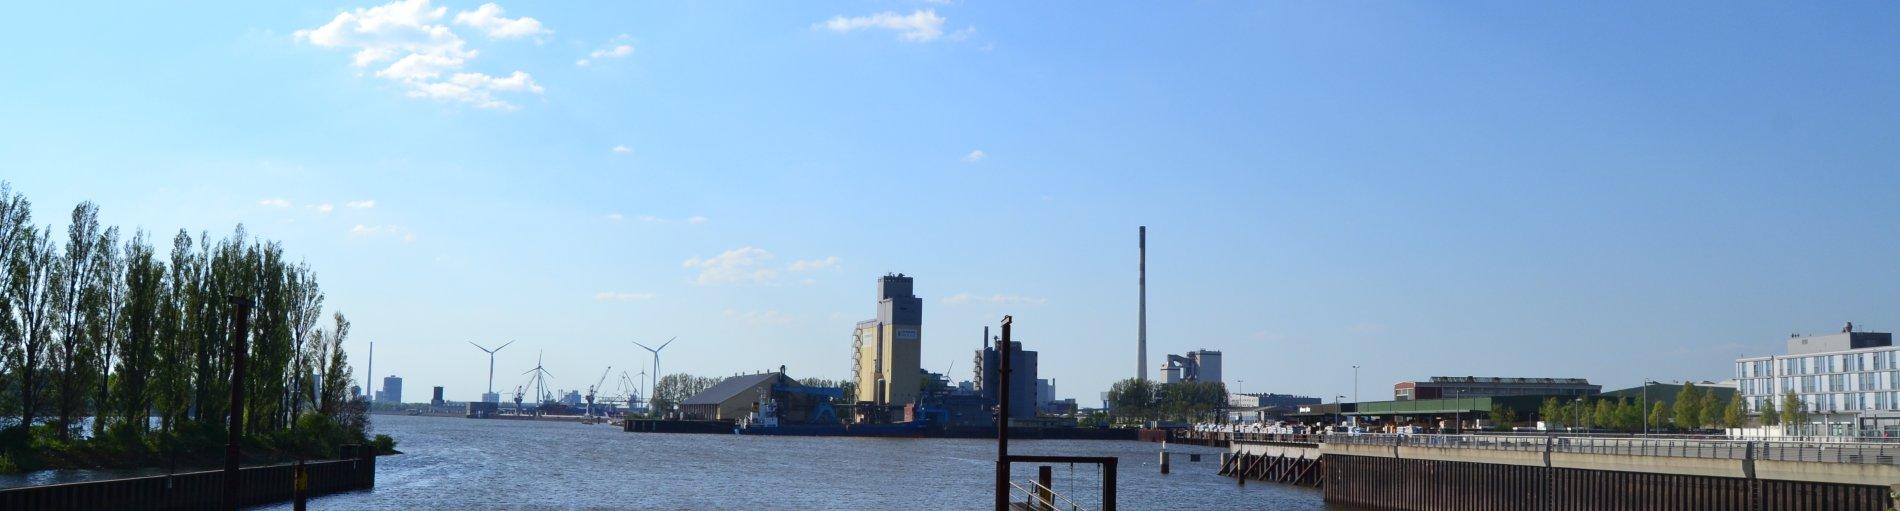 Aussicht auf ein Hafenbecken, im Hintergrund Industriebauten; Quelle: WFB/bremen.online - MDR